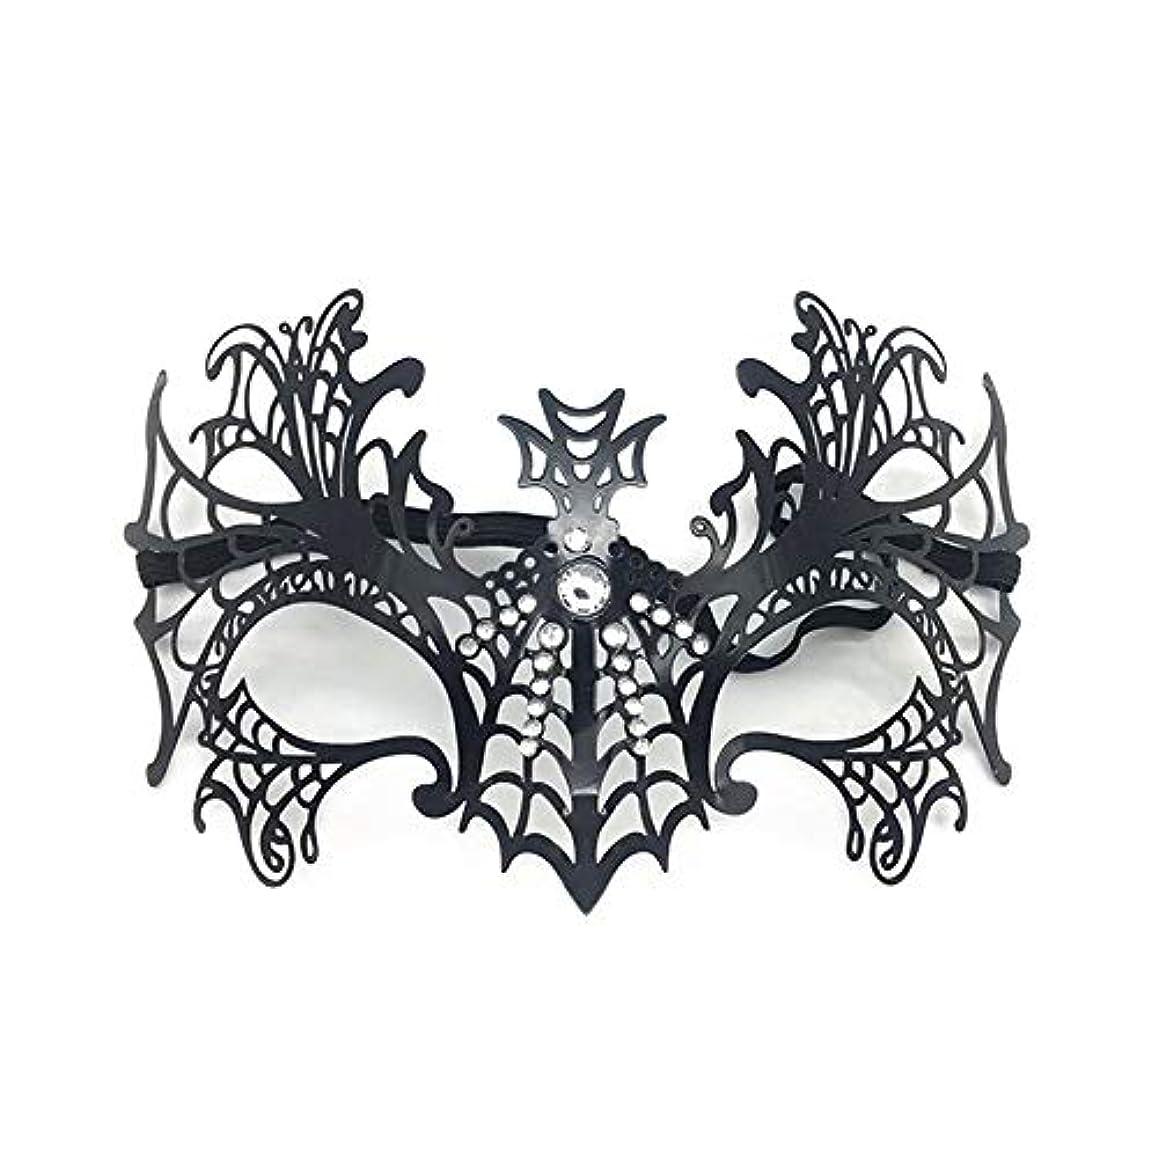 合体輝度定期的なハロウィンバットマスクパーティーセクシーなカットアウトハーフフェイスメタルマスク女性仮装射撃小道具